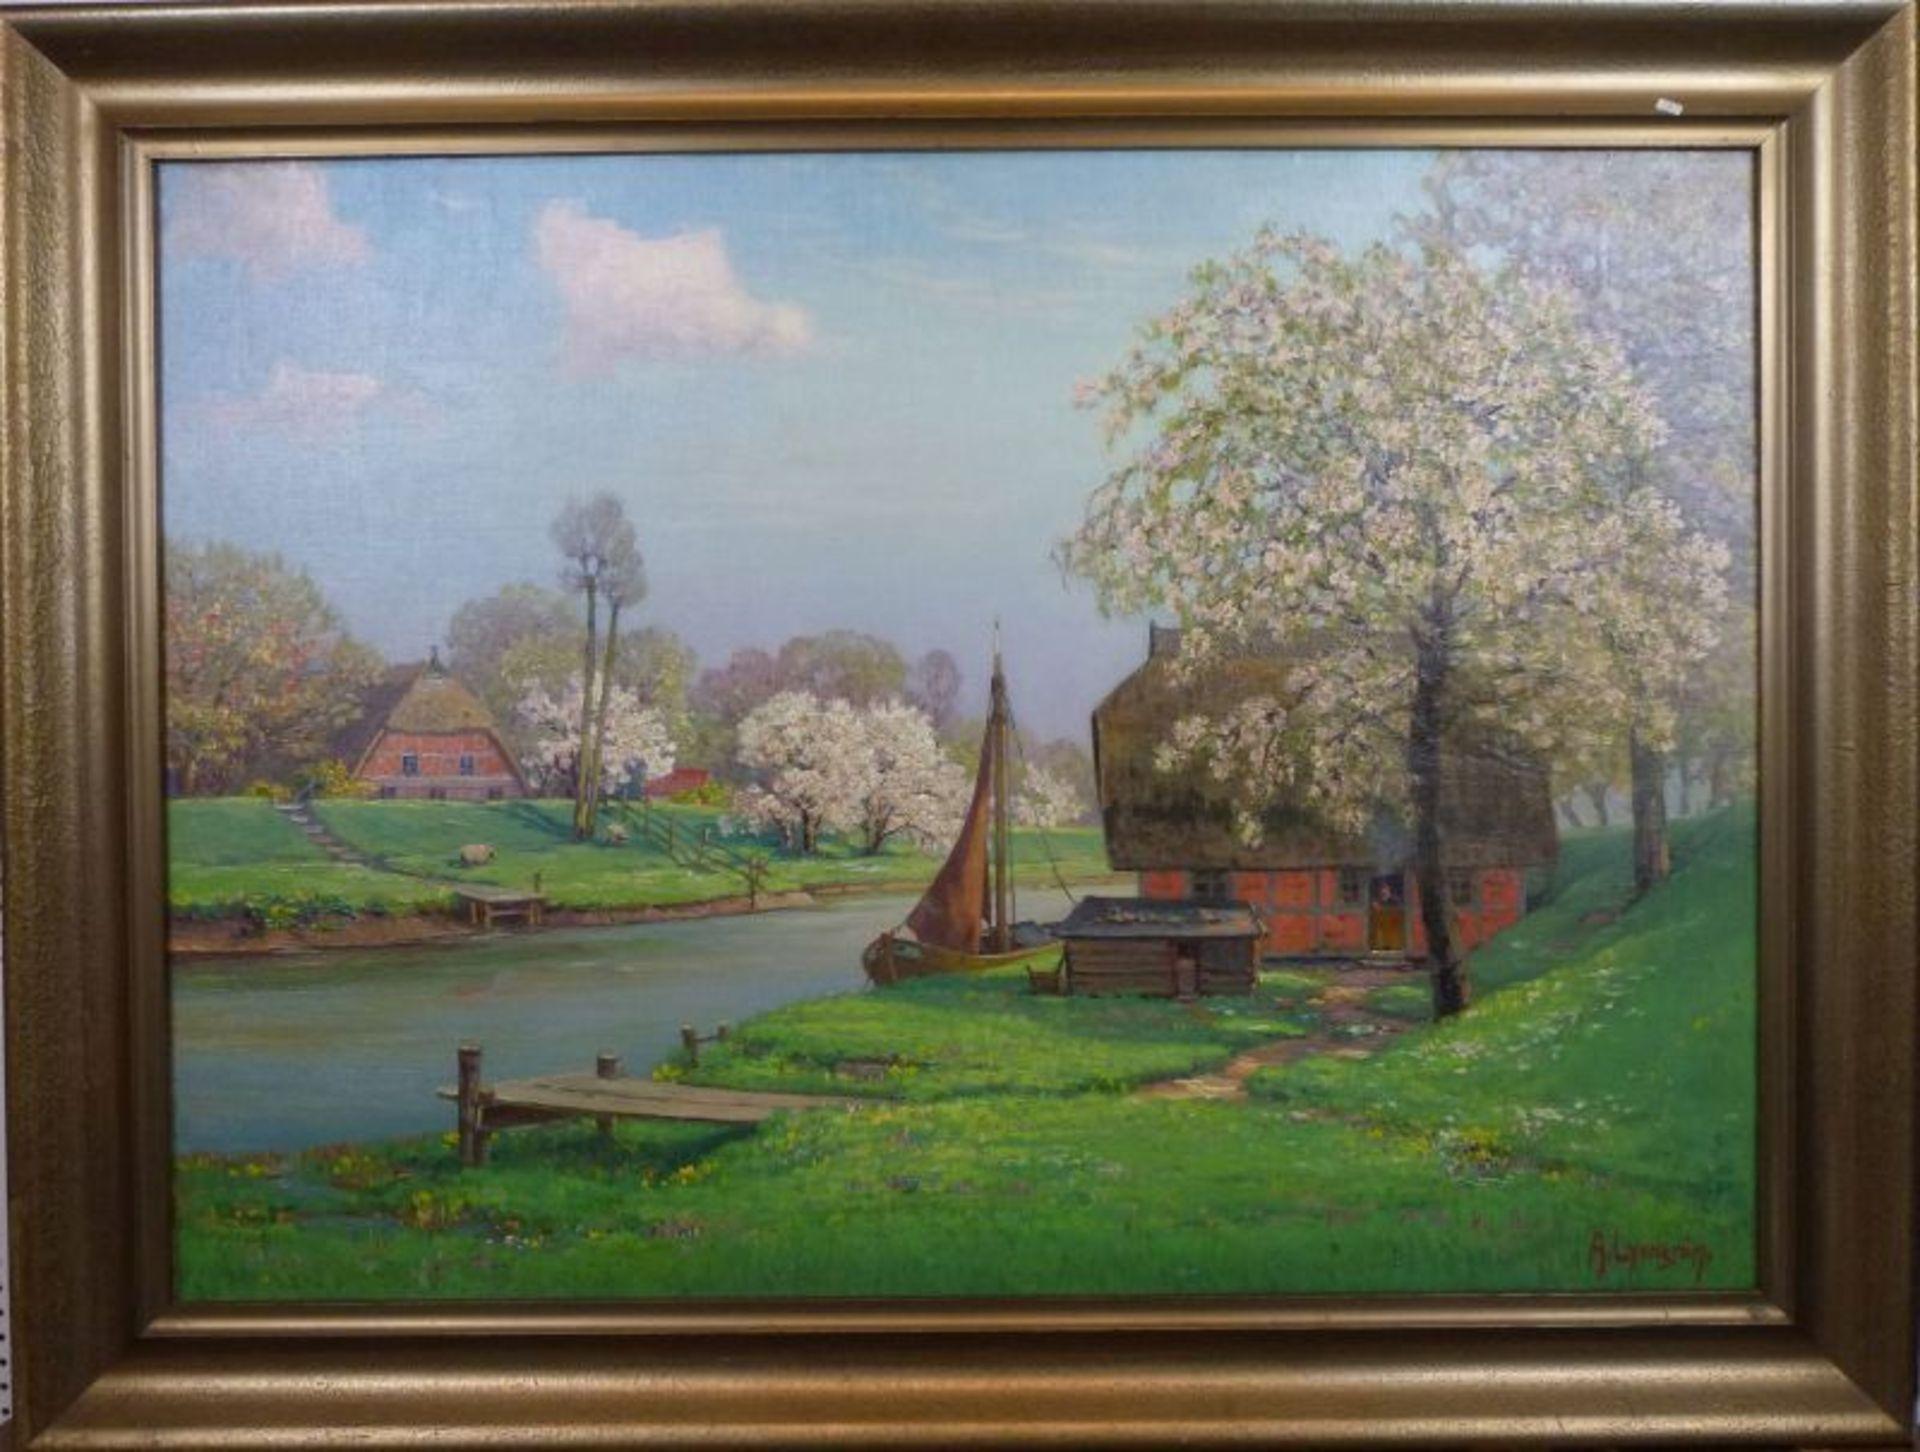 """""""Frühling an der Lühe""""Arnold Lyongrün, 1871 - 1935Öl/Lw, sign., rs. bez., Obstblüte am Fluss mit - Bild 2 aus 3"""